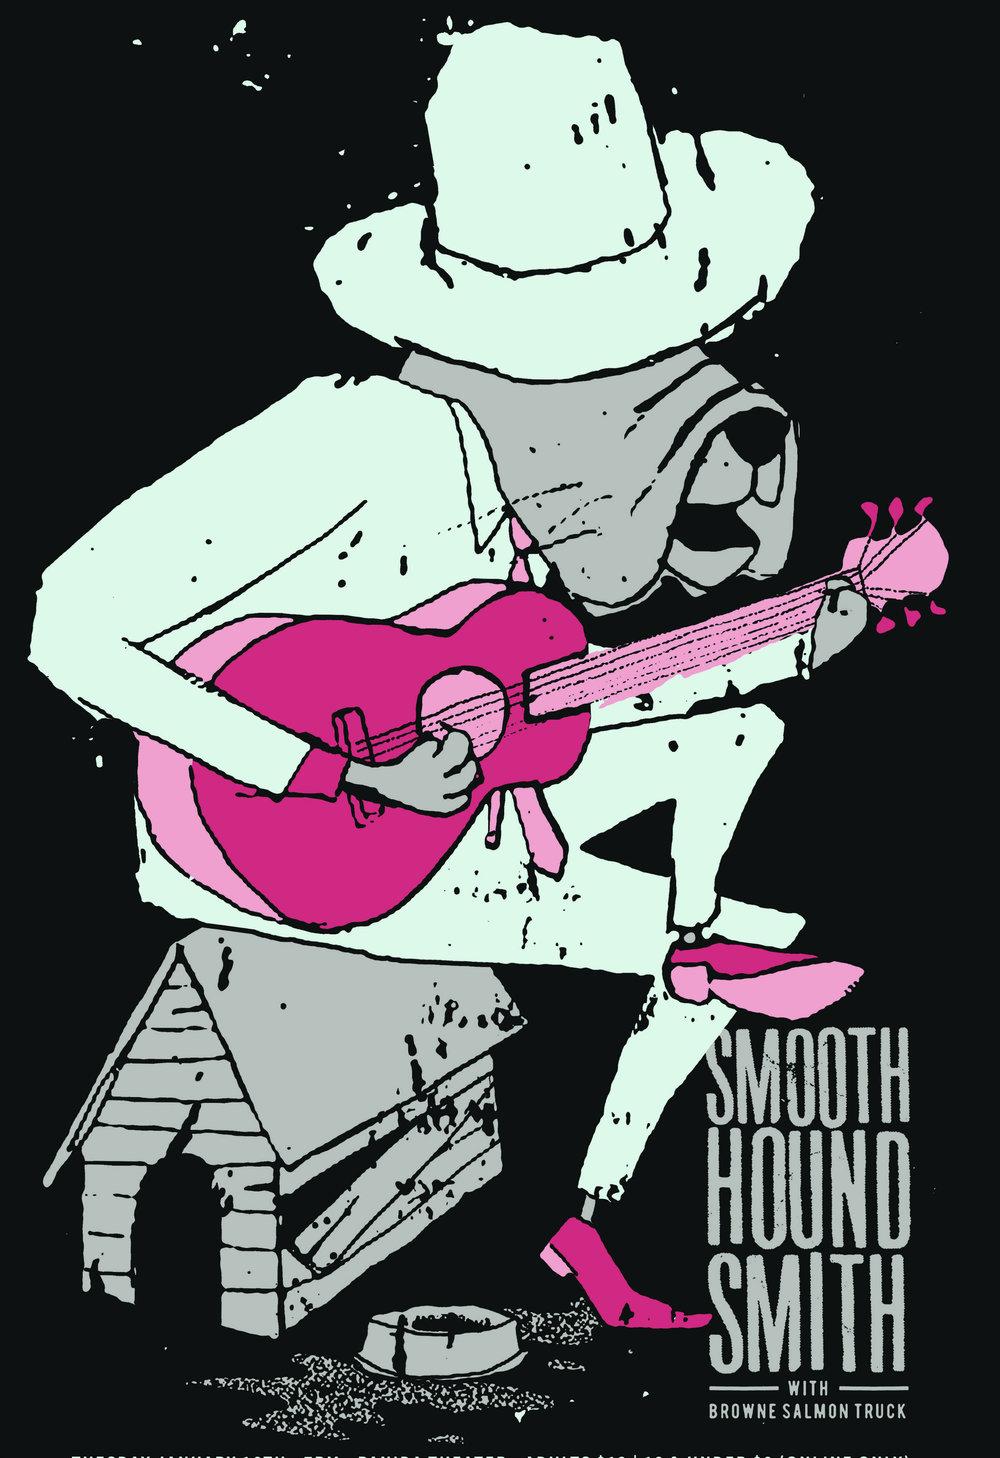 MATTOX_smooth_hound_smith_shirt.jpg